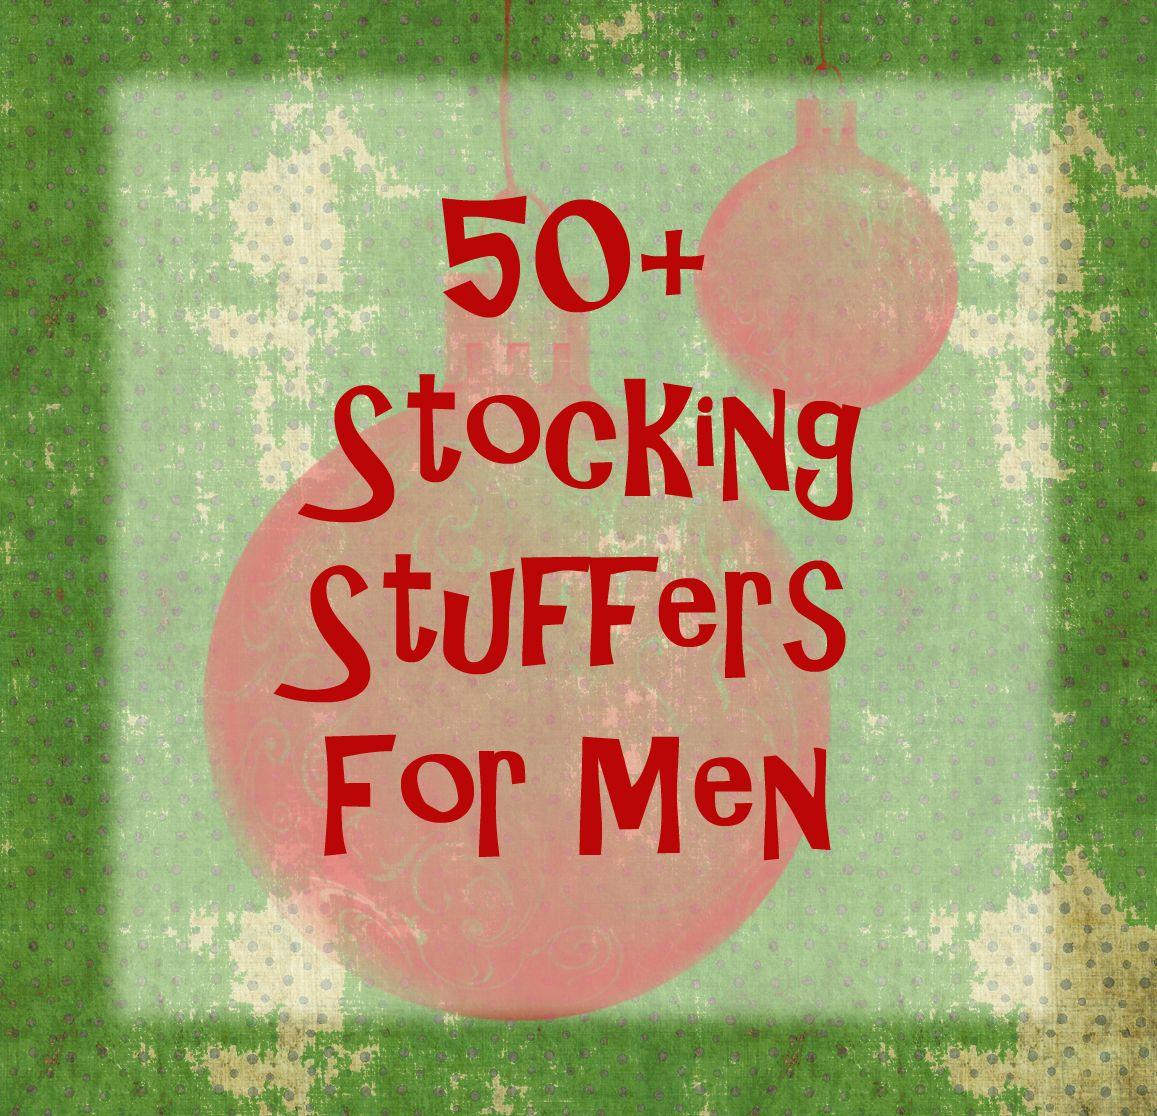 Gift list for men